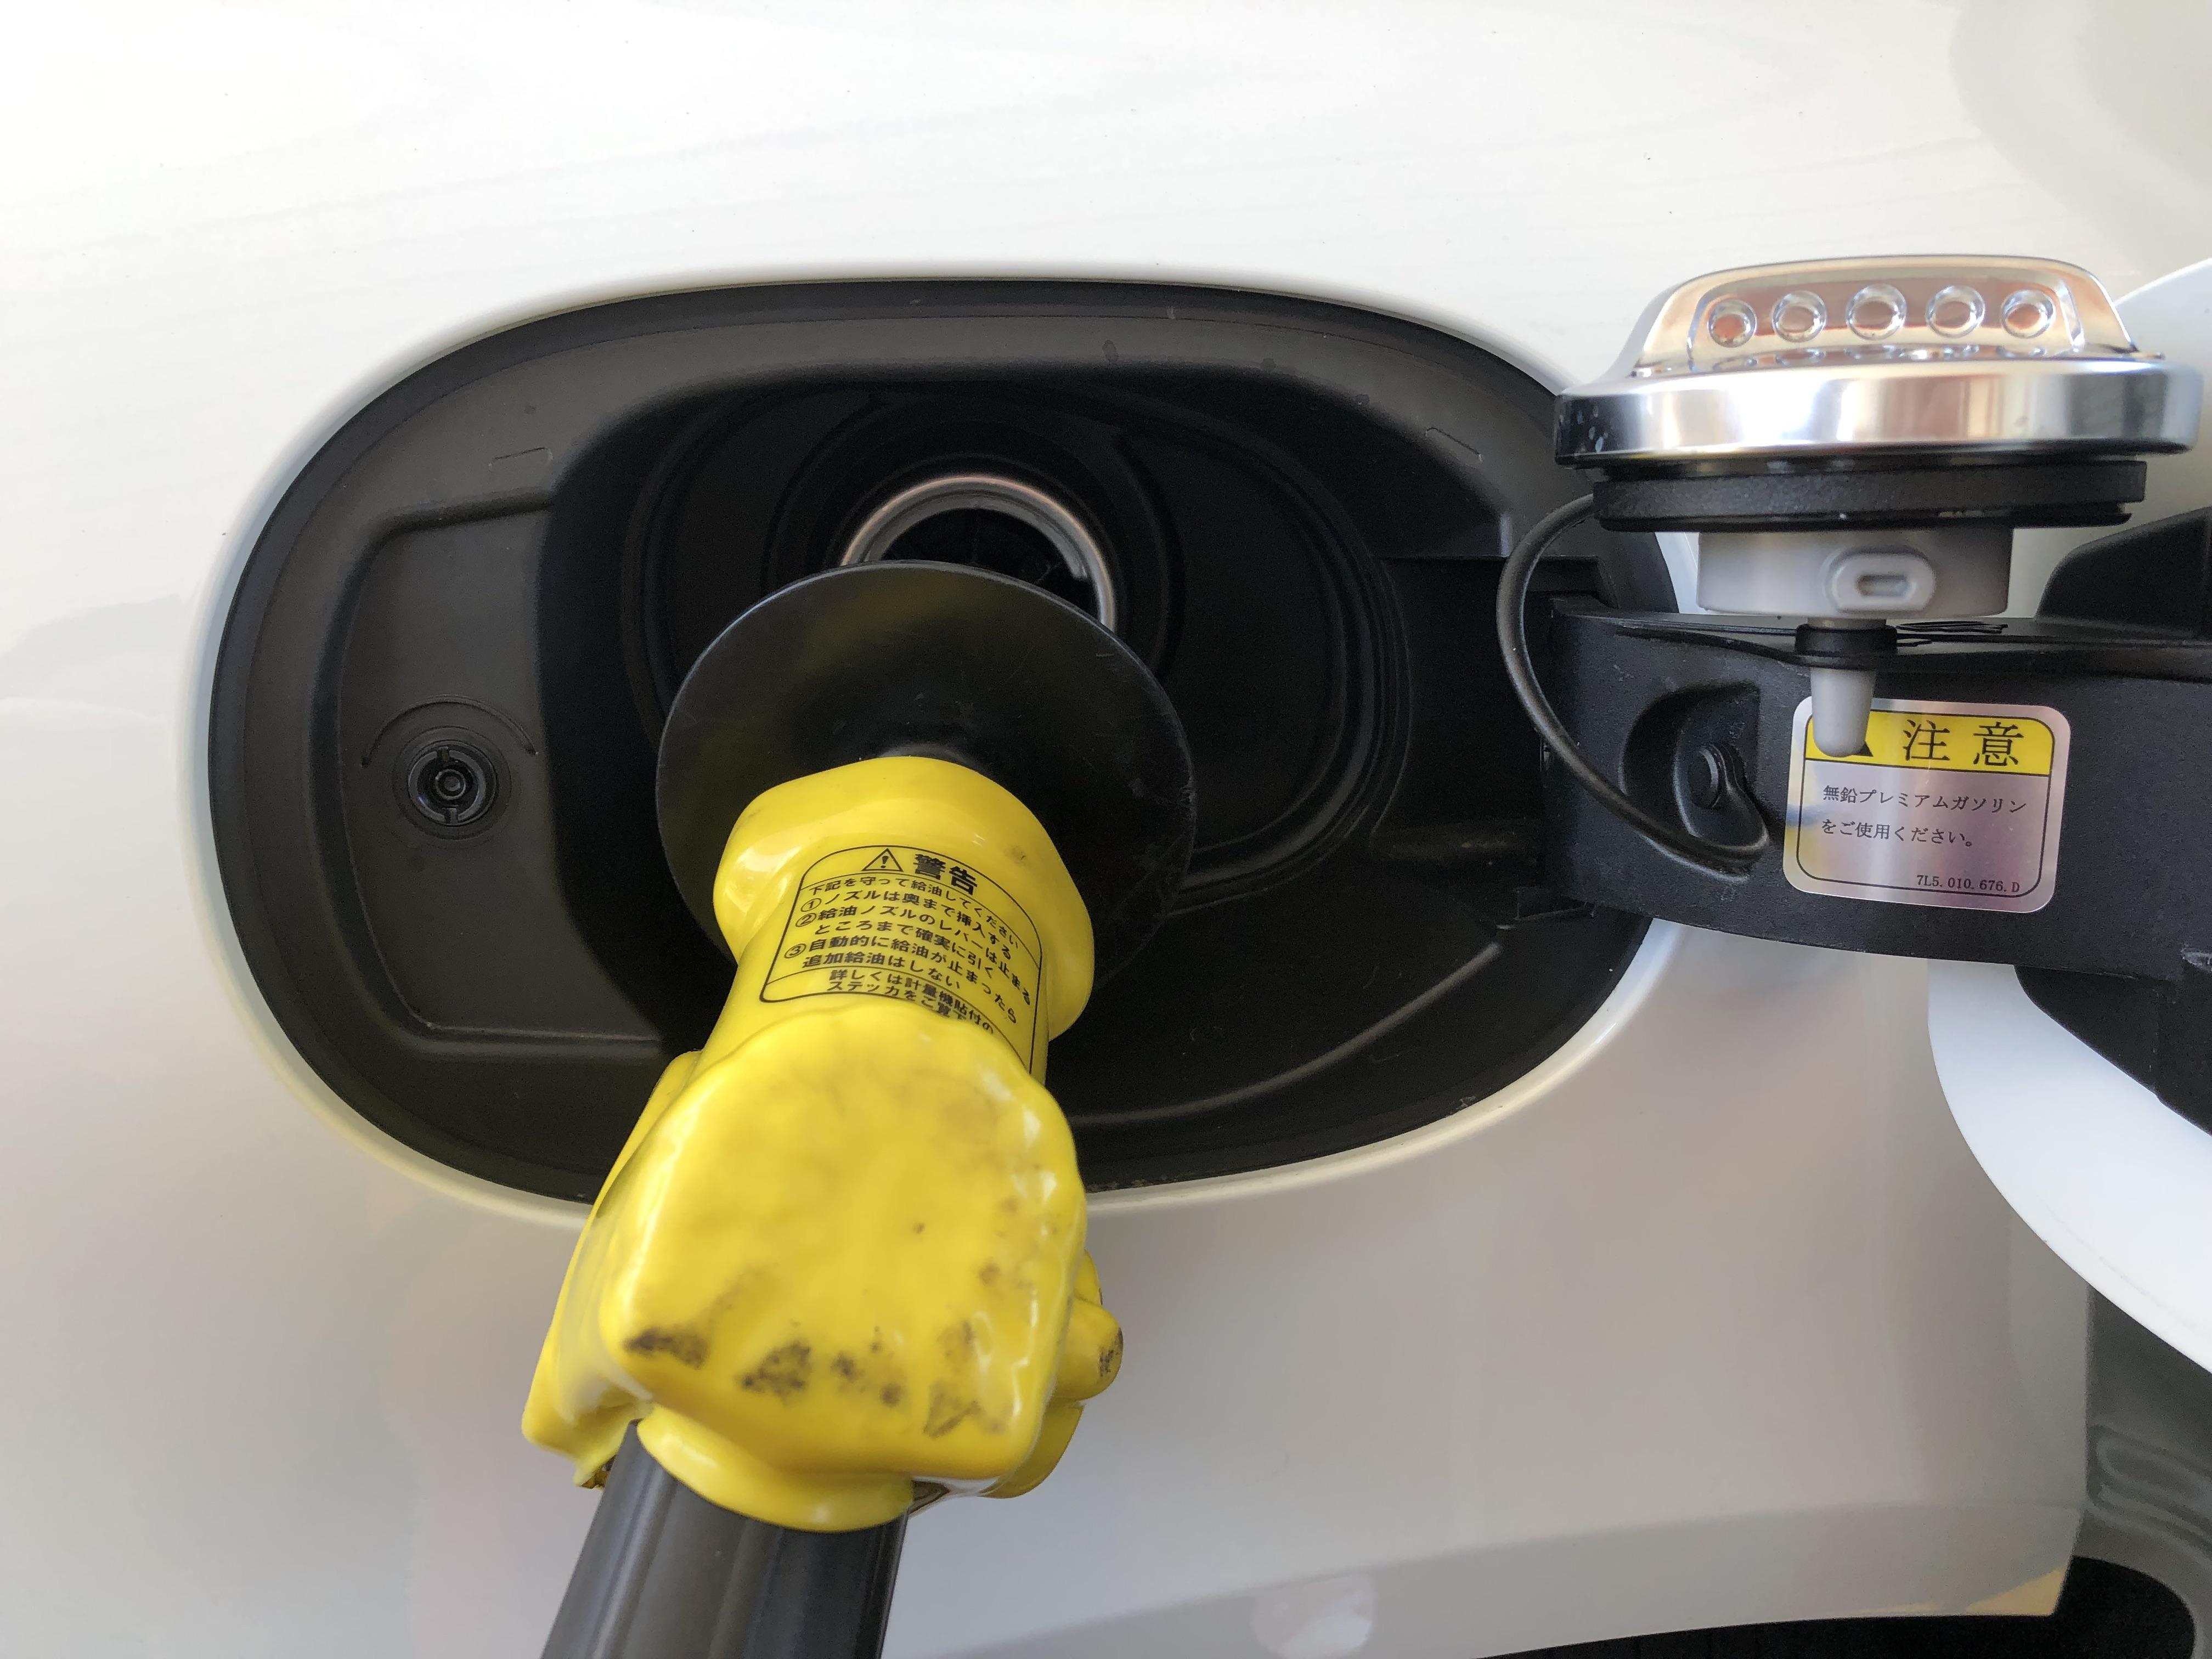 マカンS給油口にガソリンを入れている